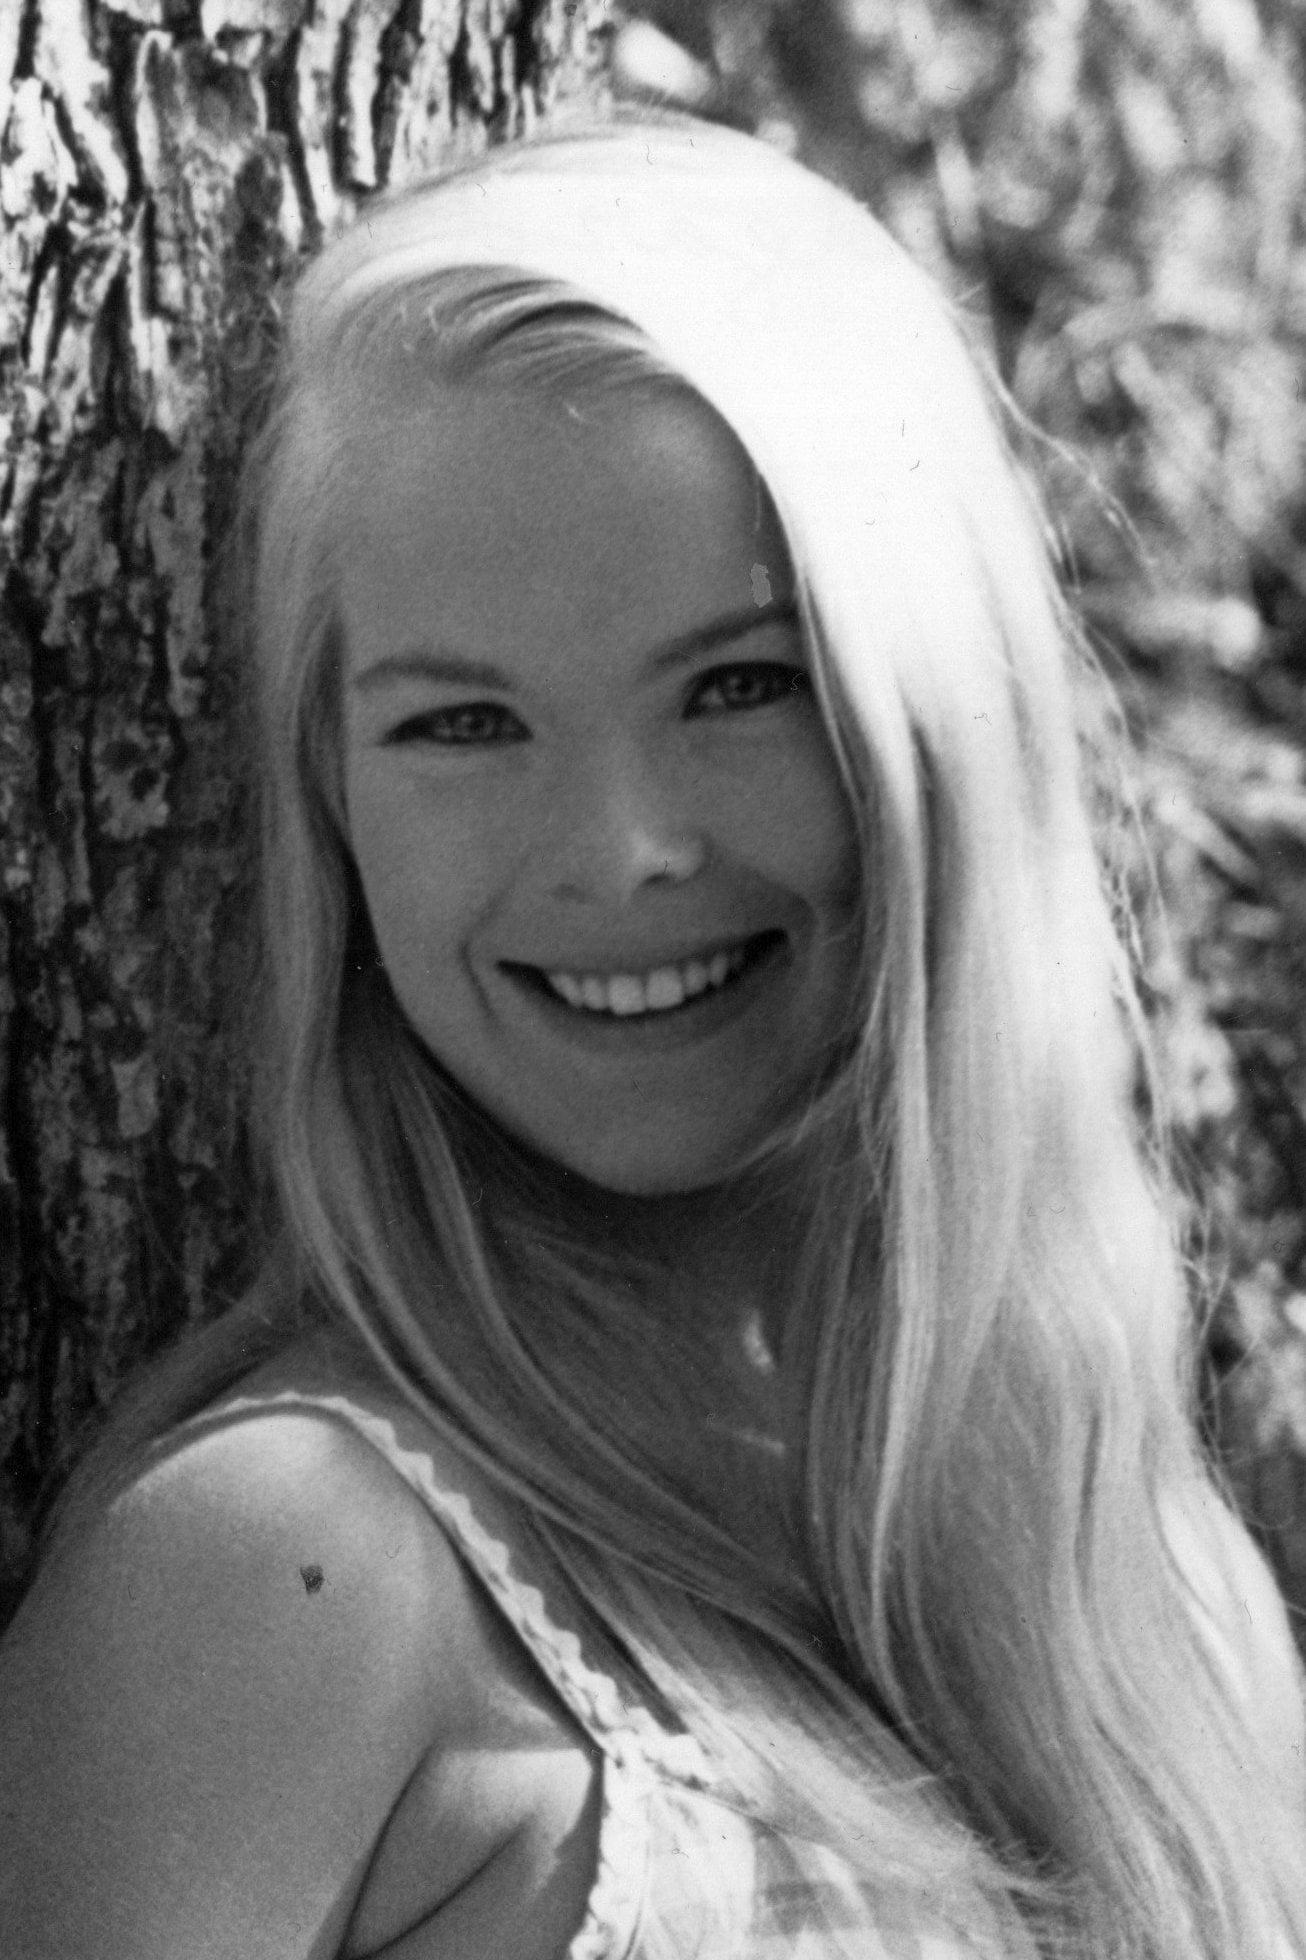 Janet Landgard